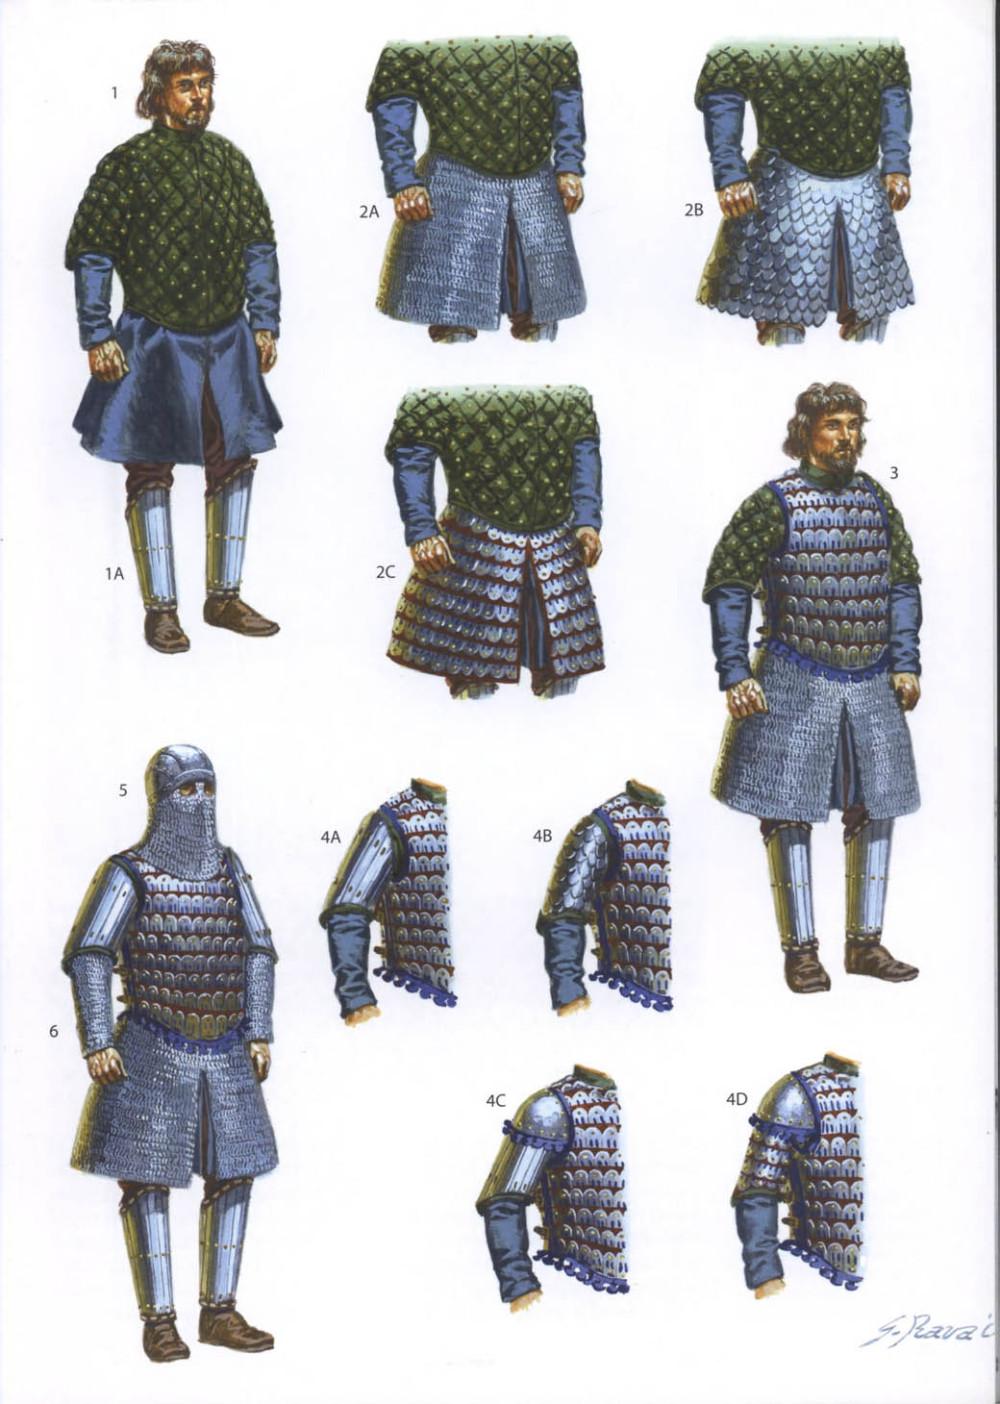 使用锁甲-扎甲装备的拜占庭骑兵